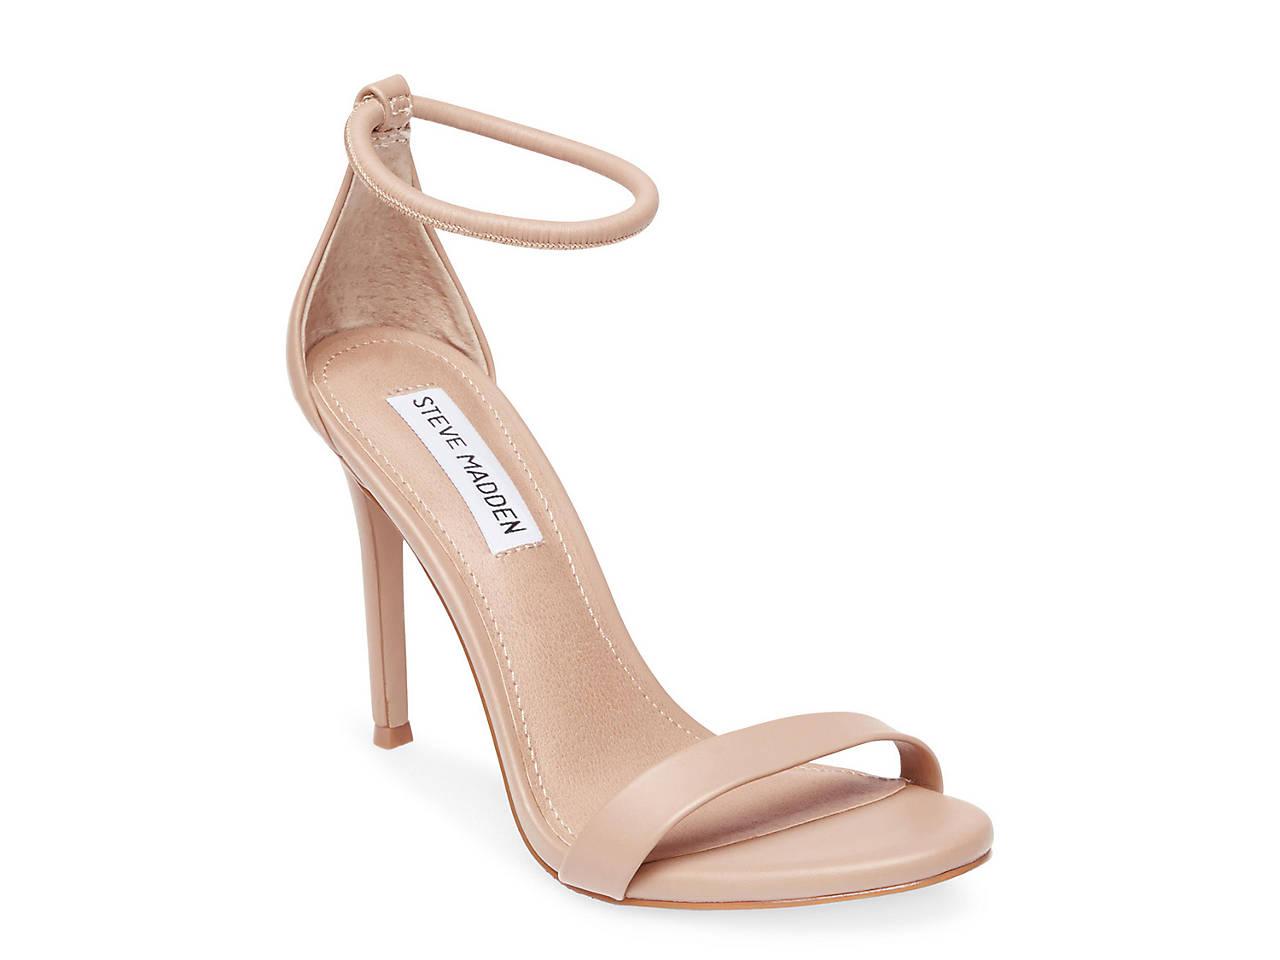 508f5cd0a3a Steve Madden Soph Sandal Women s Shoes